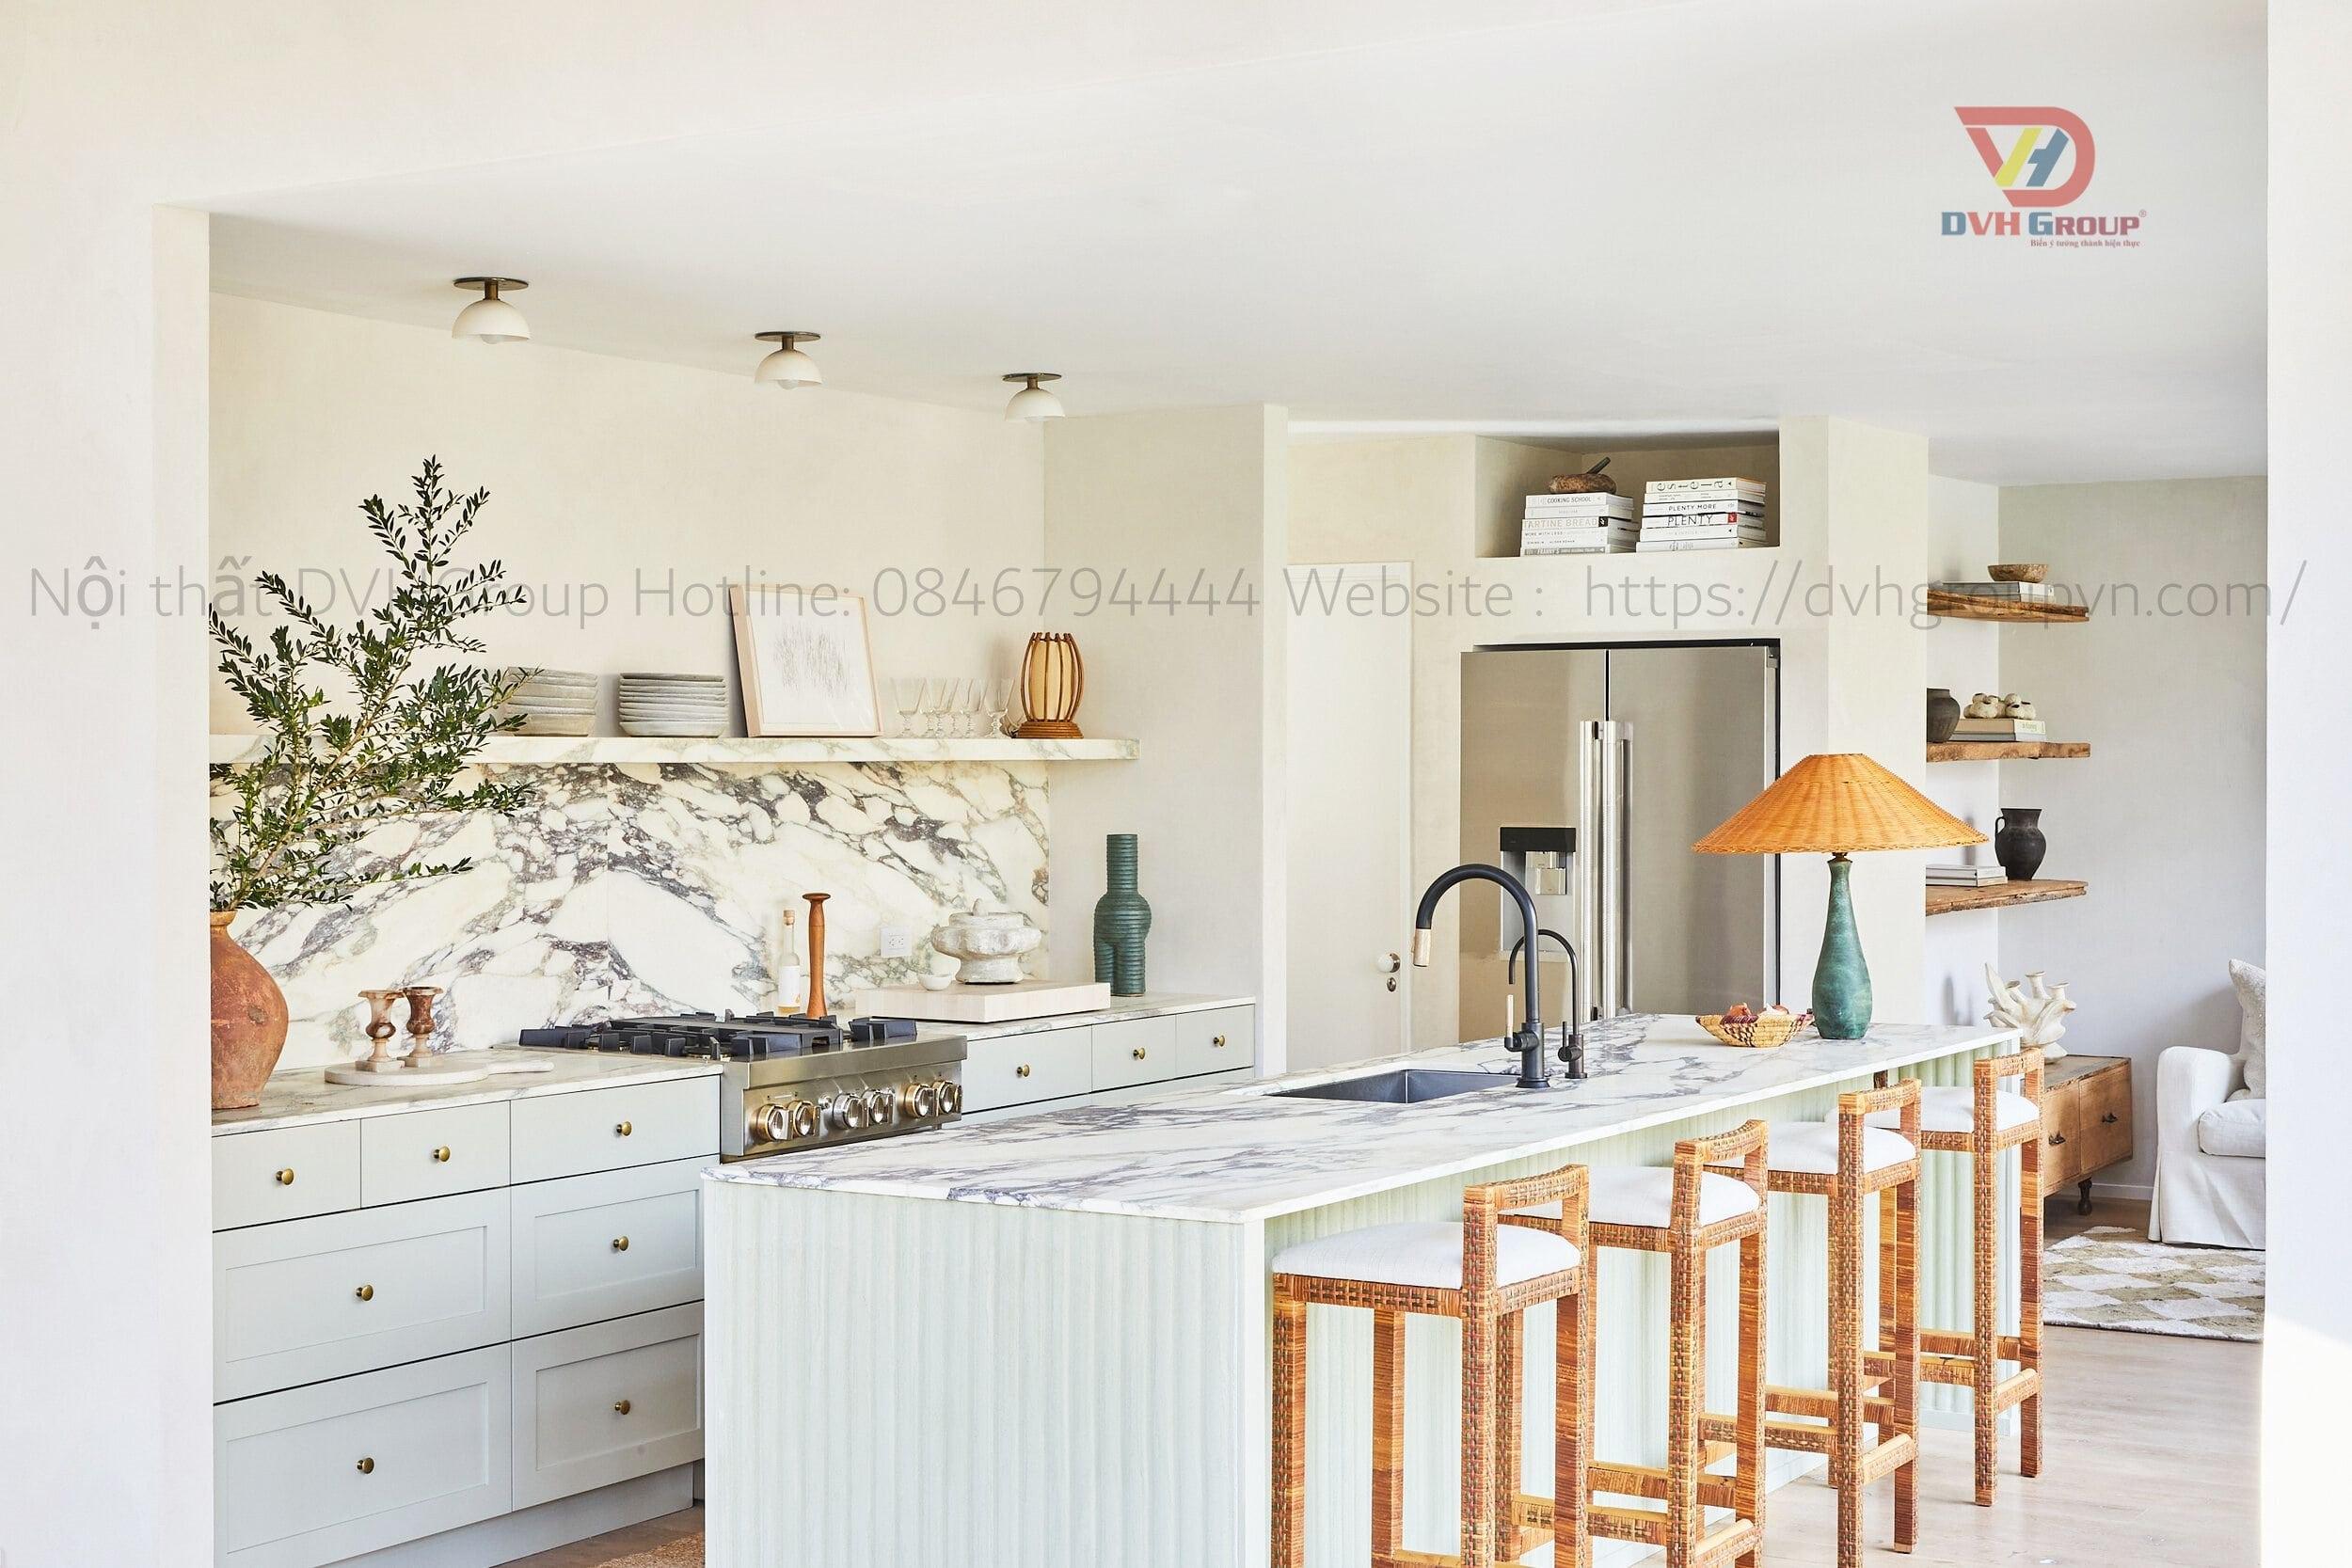 Công Ty Thiết Kế Nội Thất Tại Quận Gò Vấp - Nội Thất DVHGroup - Thiết kế nội thất phòng bếp